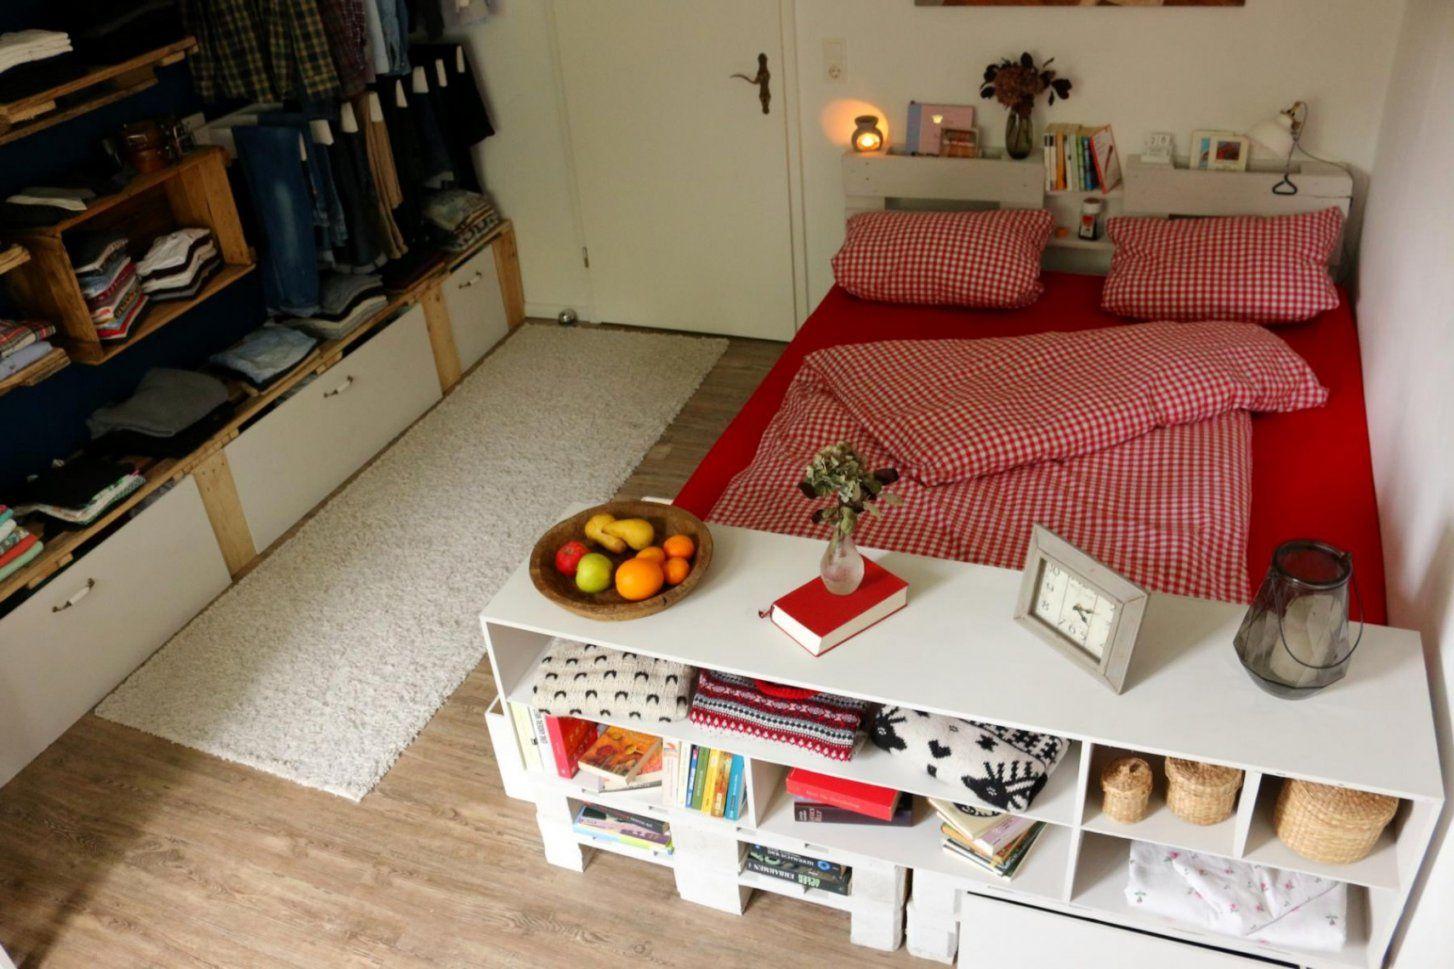 Genial Bett Aus Paletten Bett Selber Bauen Kreativ Diy Bett Paletten von Podest Bett Aus Paletten Bild